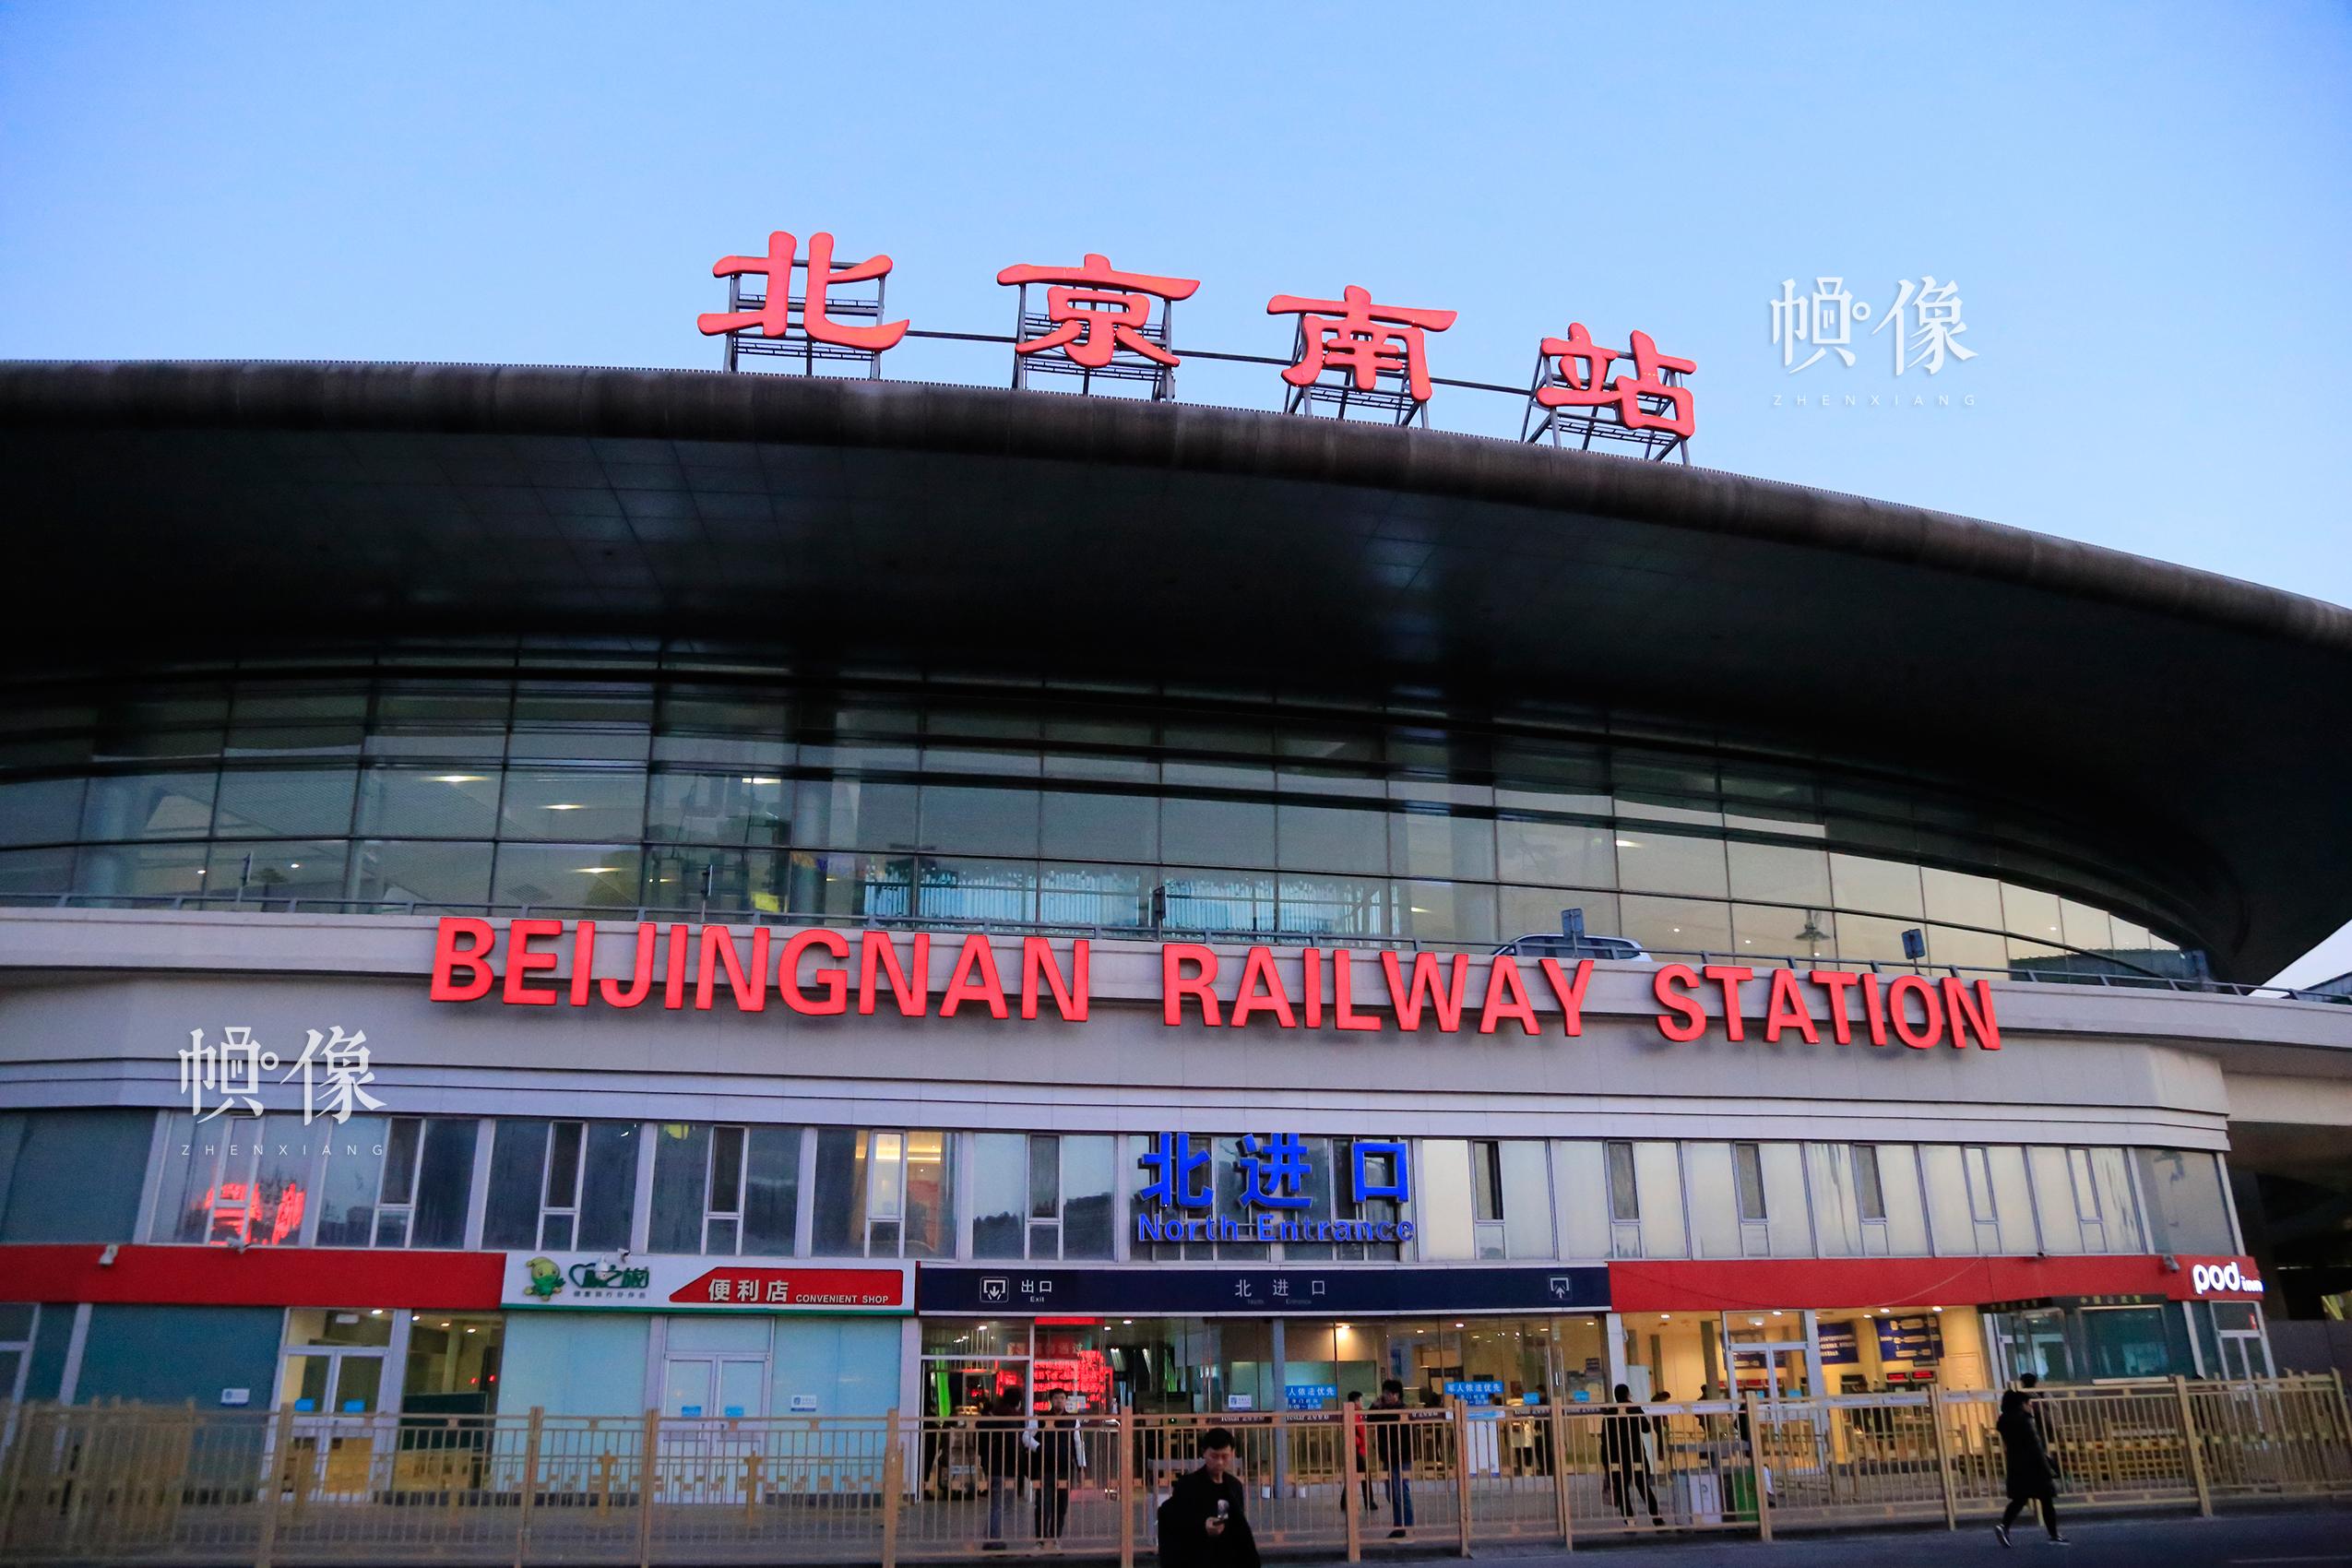 傍晚的北京南站外全景。中国网记者 吴佳潼 摄